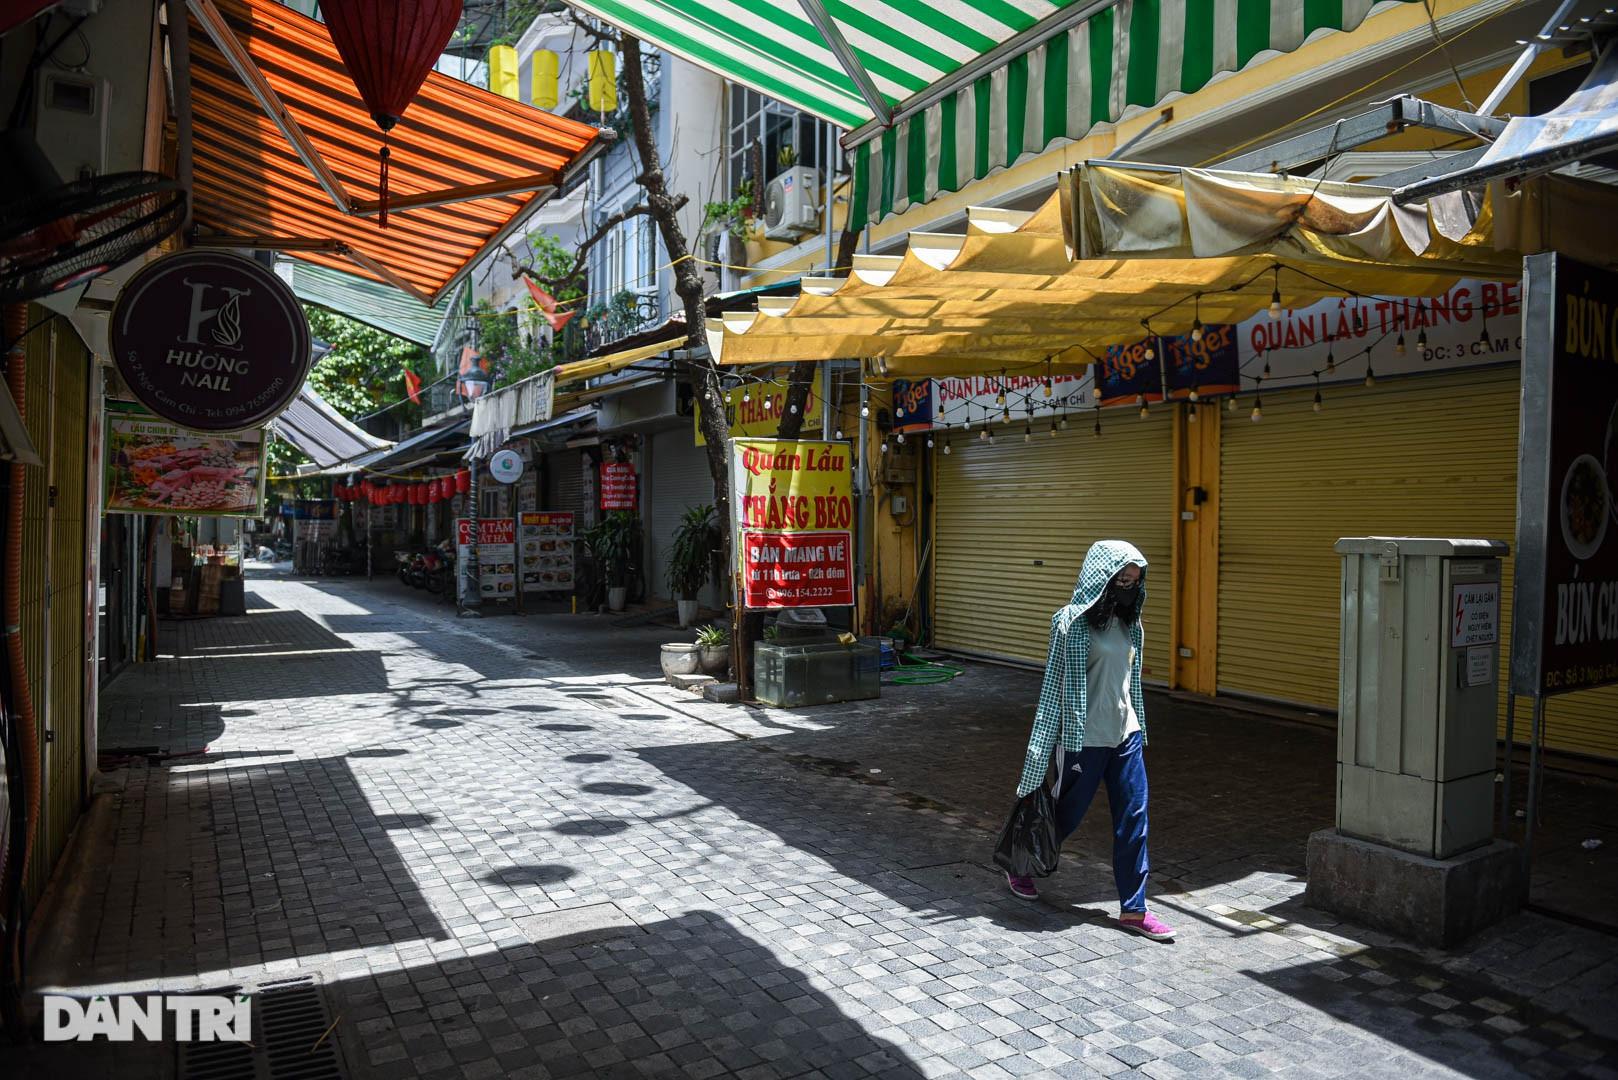 Cảnh cửa đóng then cài, đìu hiu ở phố ẩm thực không ngủ Hà Nội - 9